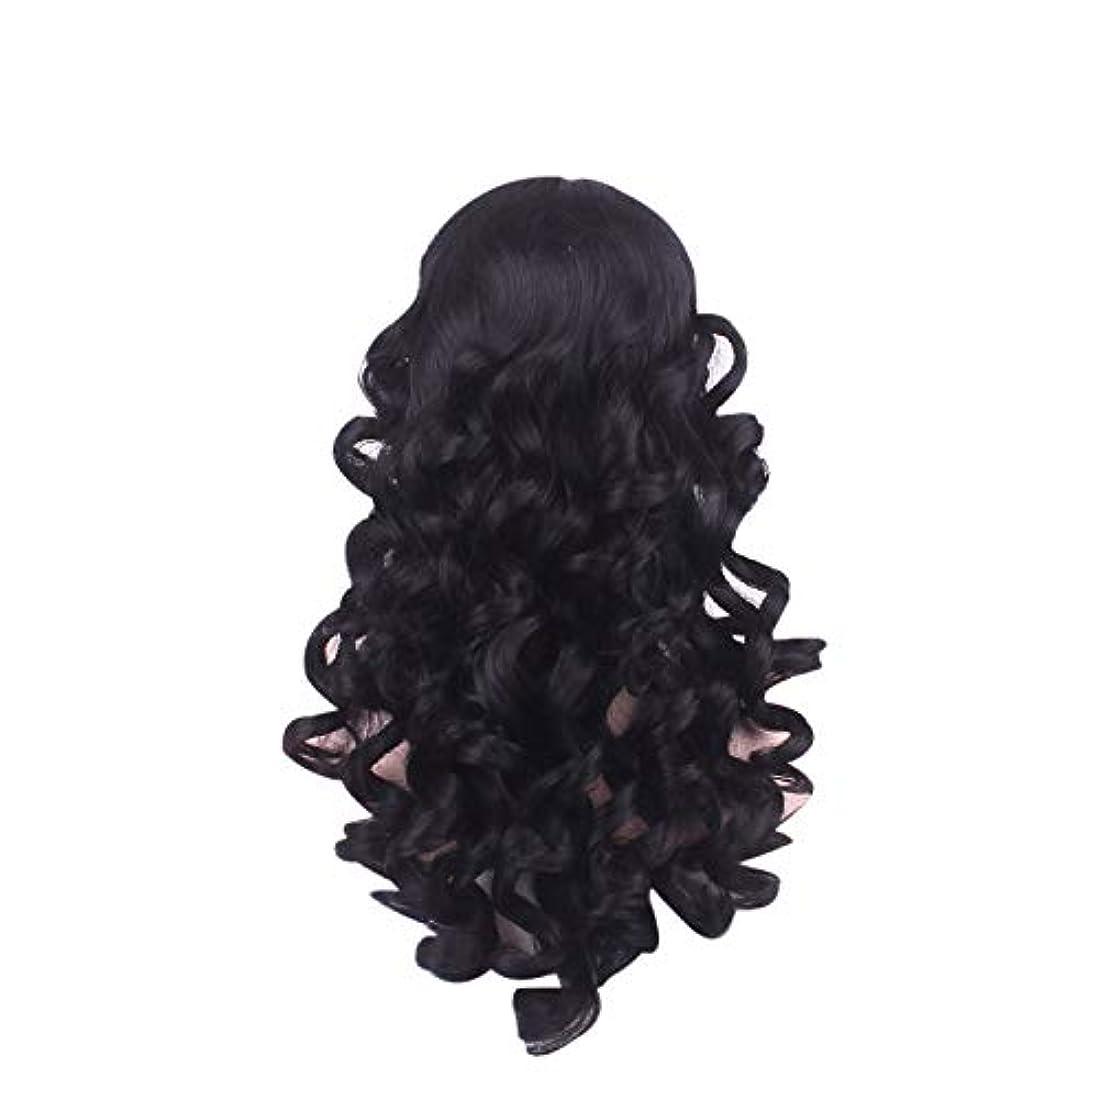 案件うまイノセンス女性の長い巻き毛のファッションかつらローズネット65 cm